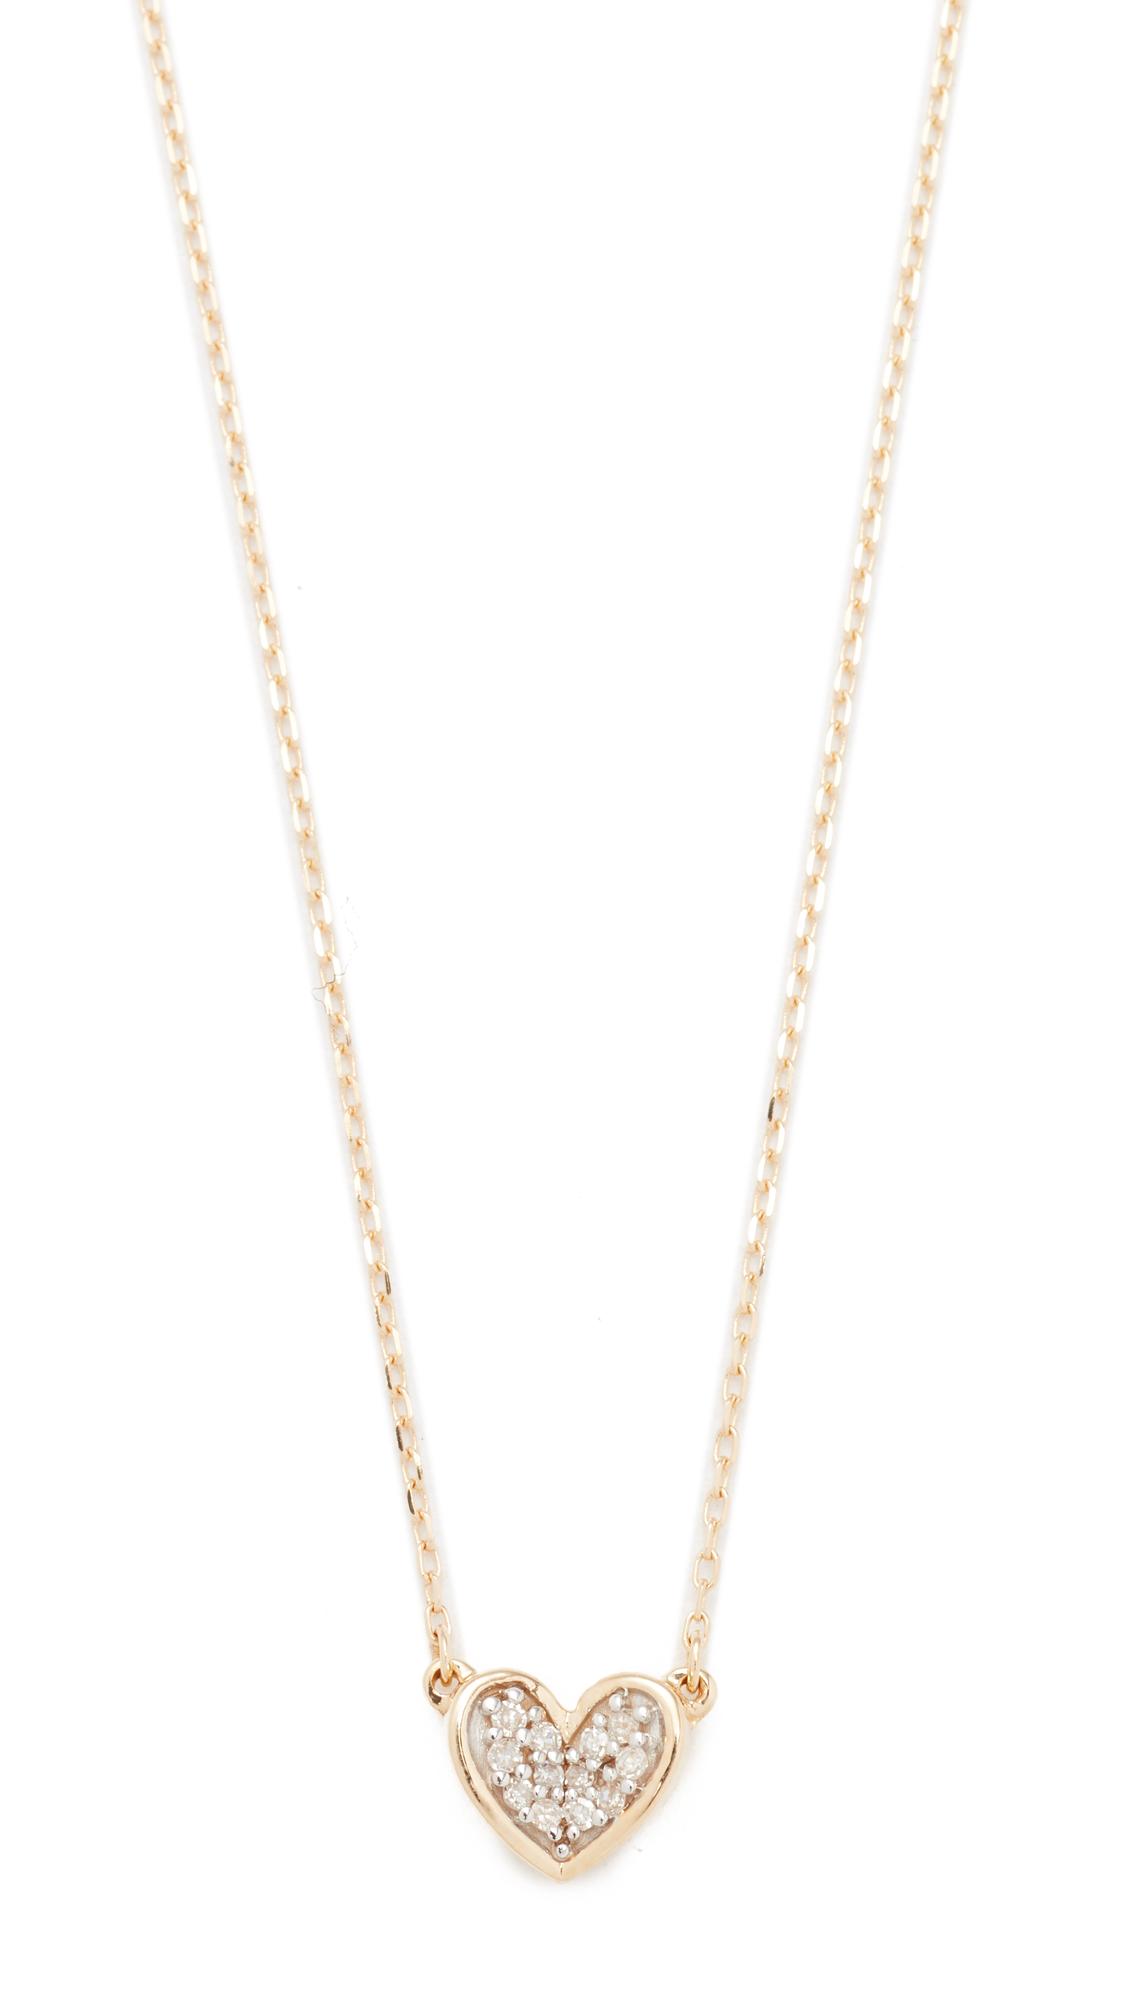 Adina Reyter Super Tiny Pave Folded Heart Necklace - Gold